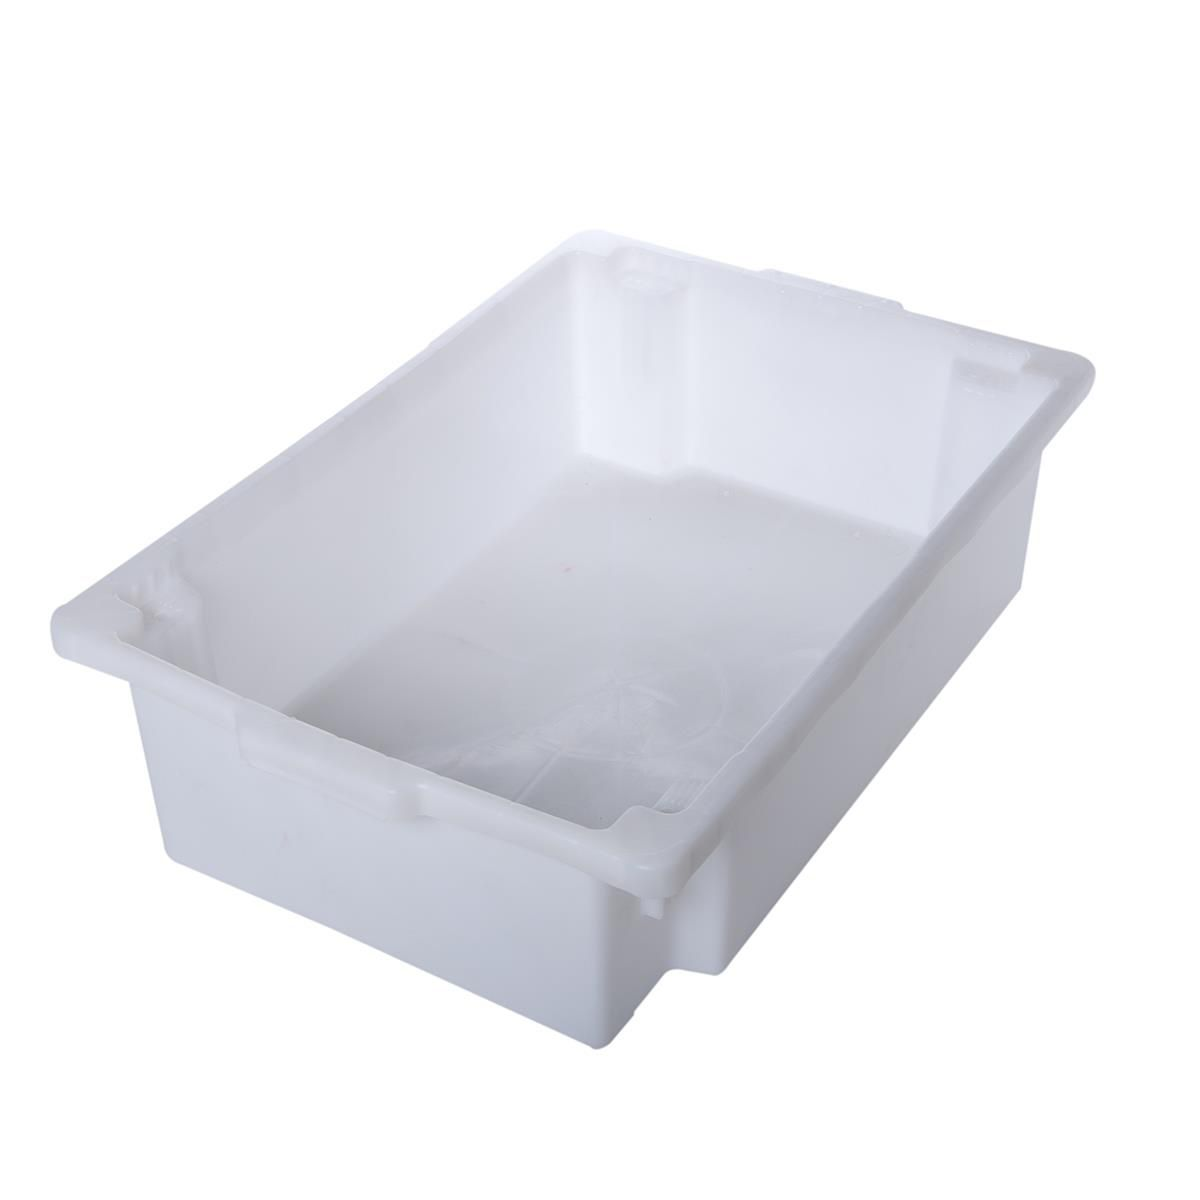 Caixa Organizadora Plástica Reforçada Com Tampa Supercron S-800 Branca 25 Litros